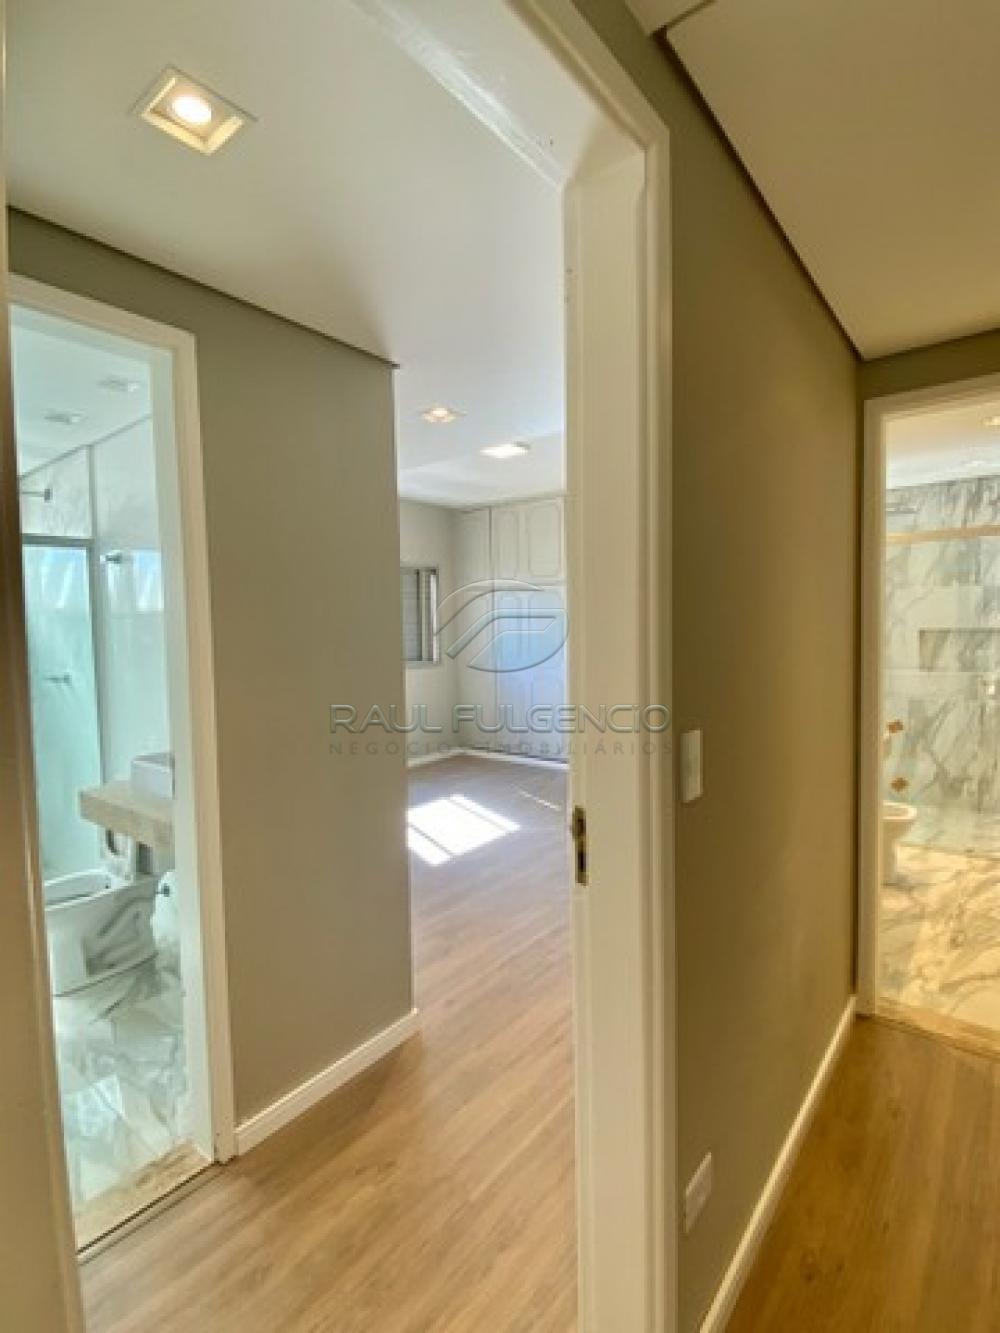 Comprar Apartamento / Padrão em Londrina R$ 499.000,00 - Foto 6